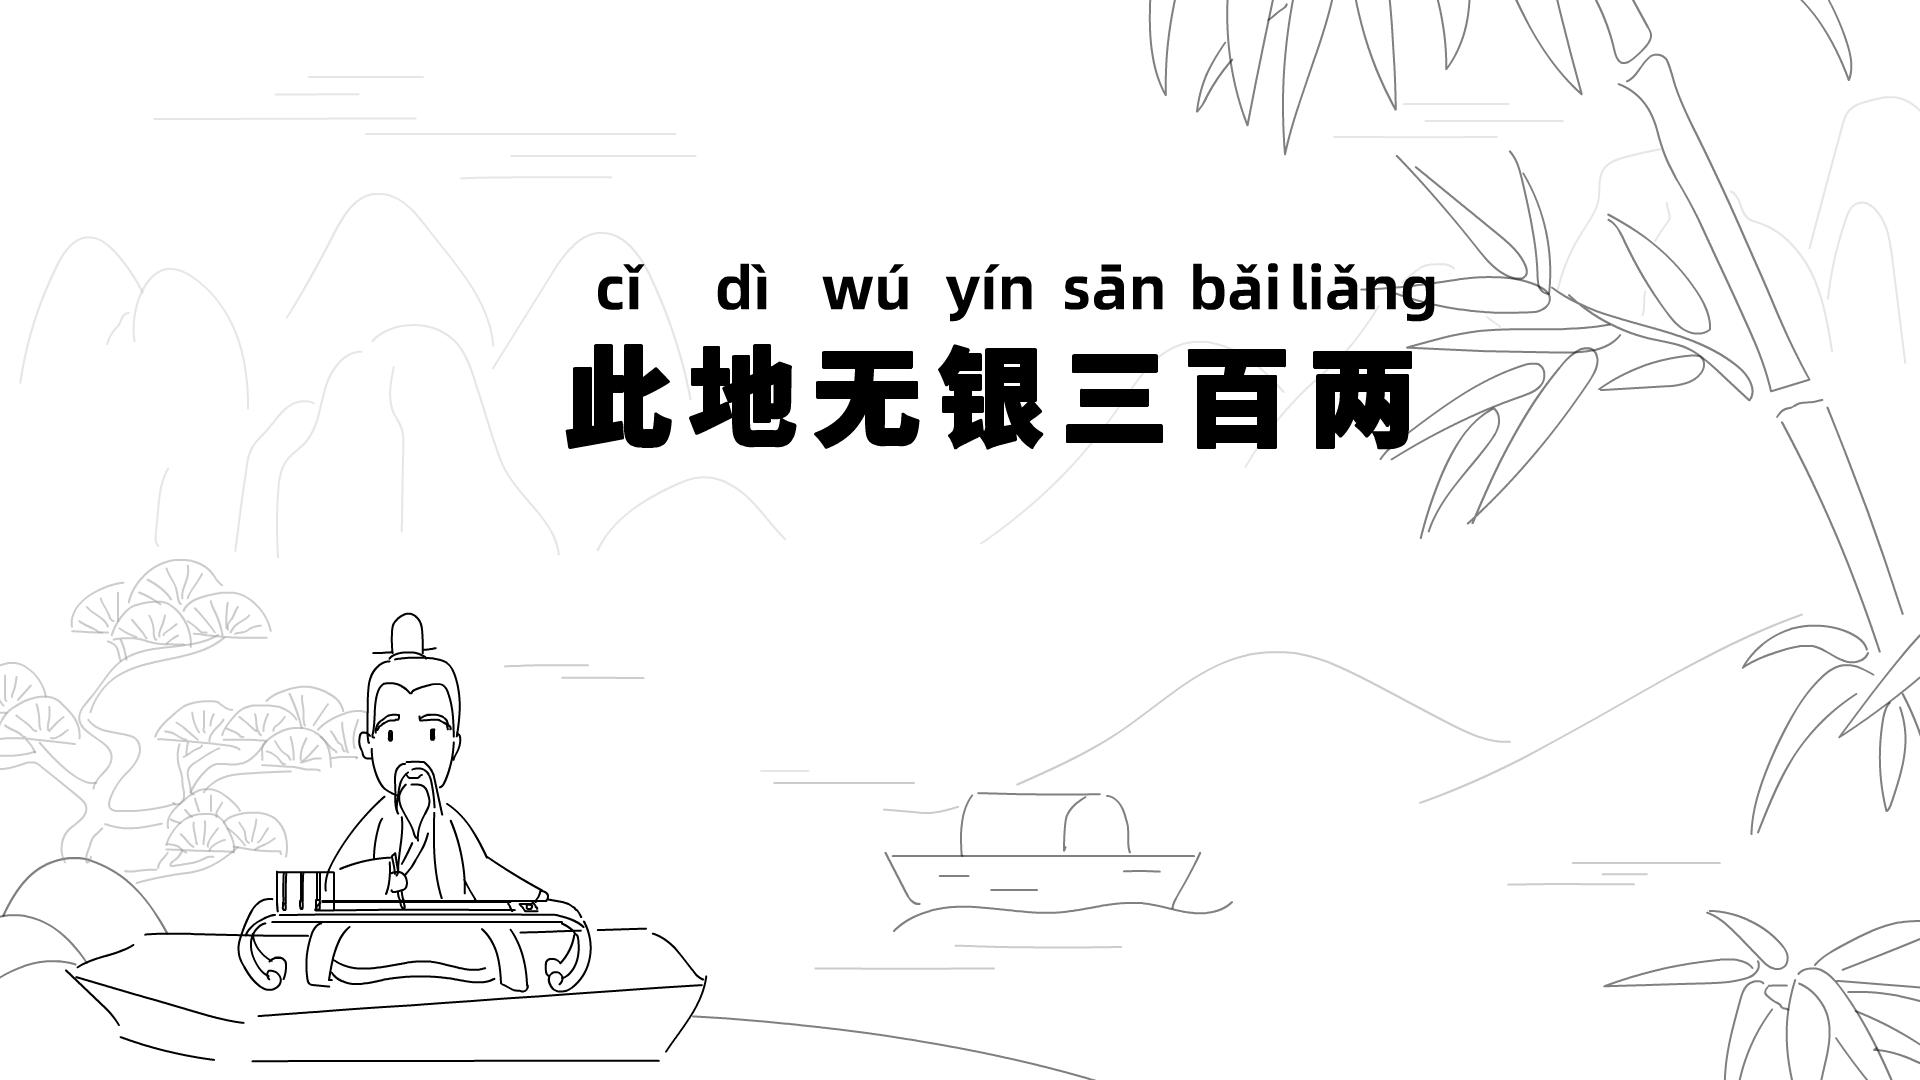 动漫设计《此地无银三百两》动画分镜头